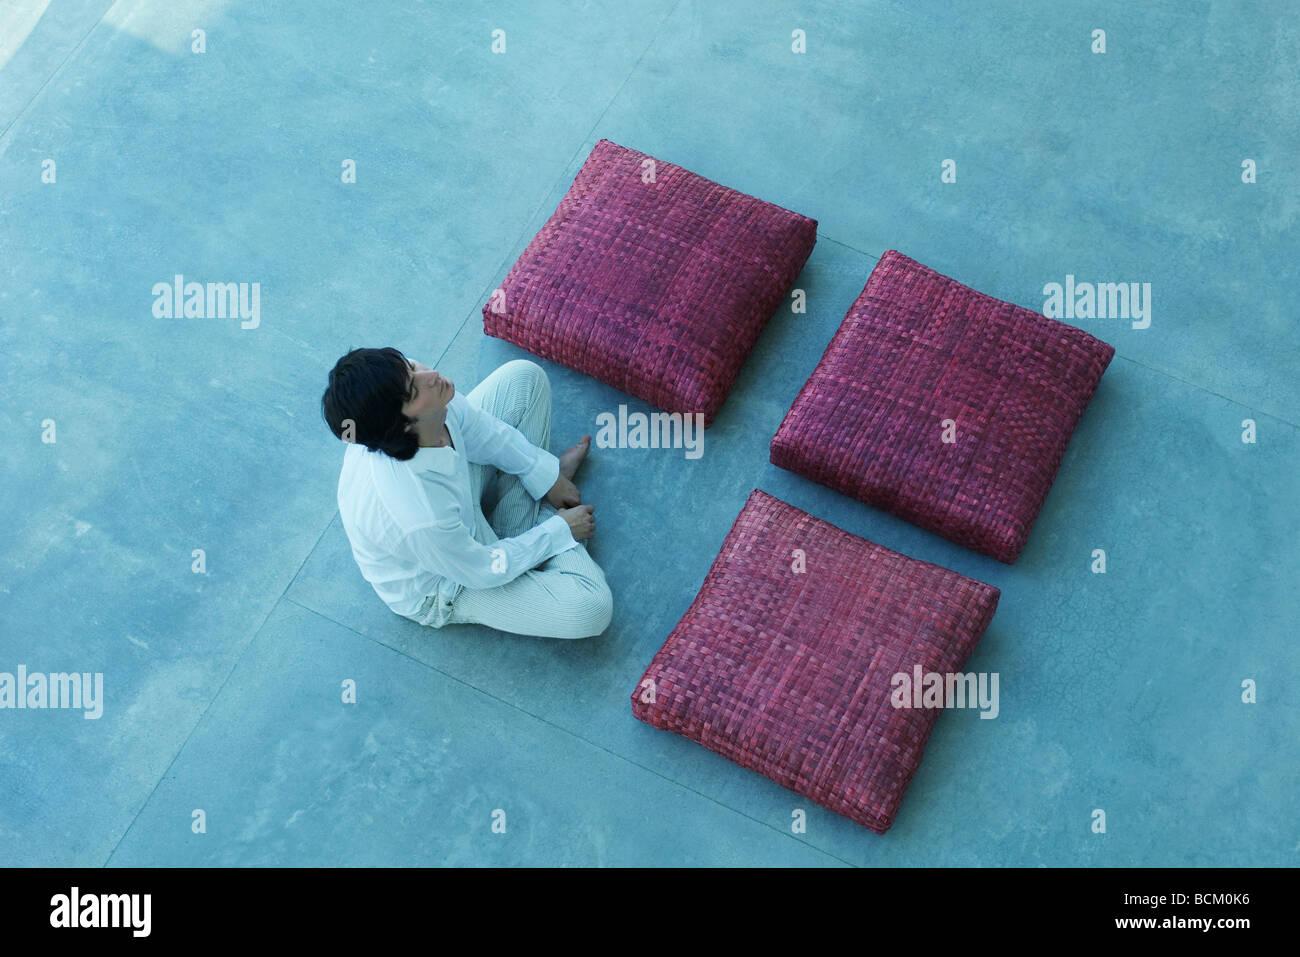 Tres almohadones cuadrados y man dispuestos en forma cuadrada, hombre cruzar las piernas, cerrar los ojos, un alto Imagen De Stock